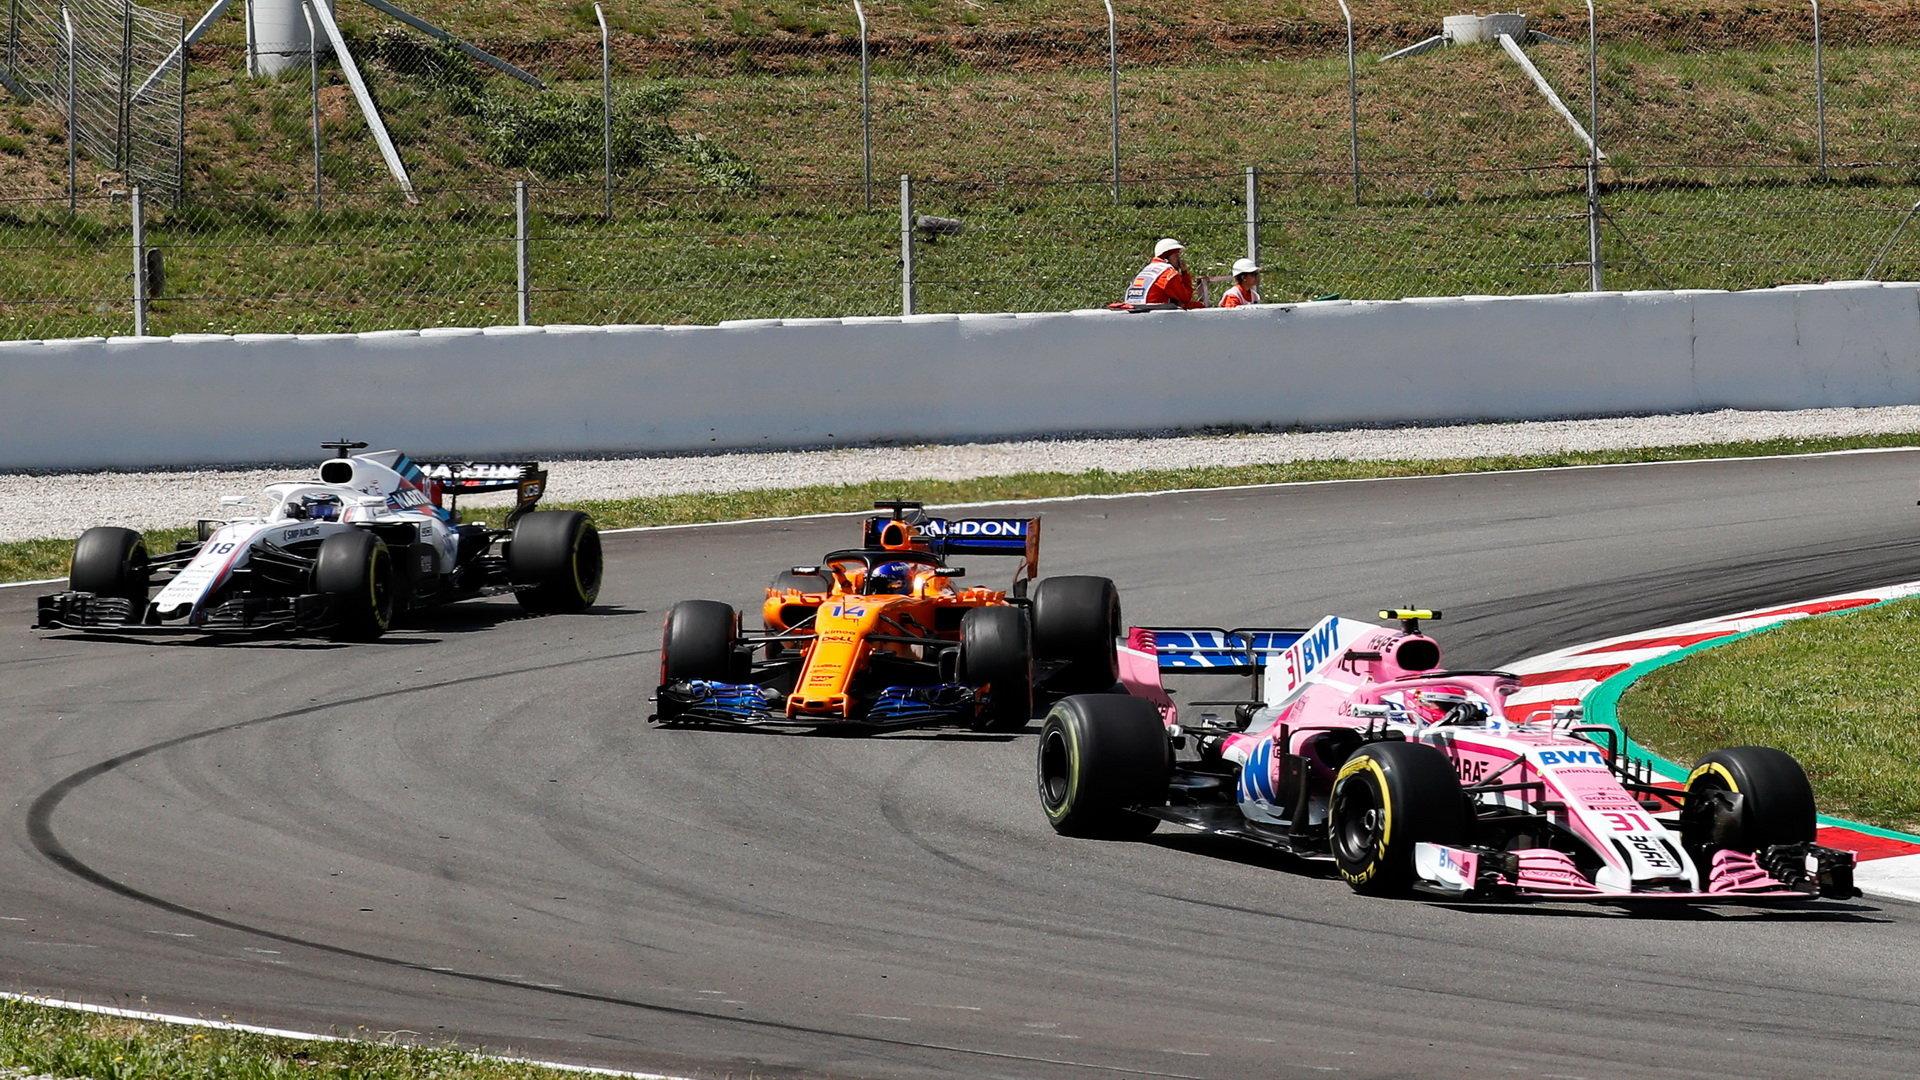 S Oconem si Alonso brzy poradil, pak se zasekl za Leclercem, na body ale nakonec přece jen dosáhl